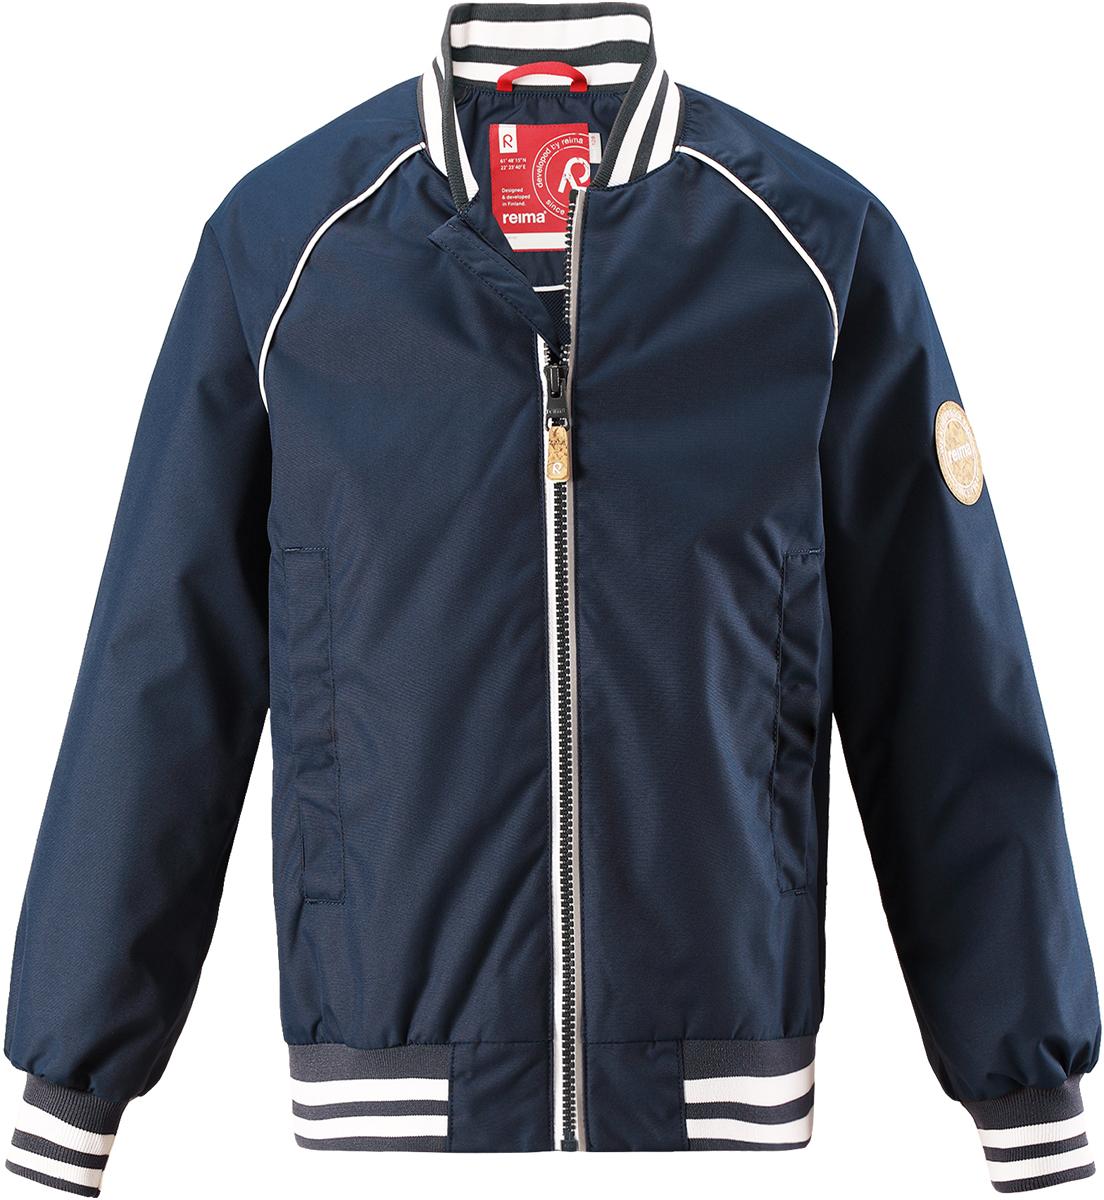 Куртка для мальчика Reima Aarre, цвет: темно-синий. 5215356980. Размер 1345215356980Ребенок будет просто в восторге от этой новой детской бейсбольной куртки от Reima для города. Она не только стильно смотрится, но еще и сшита из водо- и ветронепроницаемого, дышащего и грязеотталкивающего материала. Стильный дизайн модели довершают полосатый воротник, манжеты и талия на резинке!